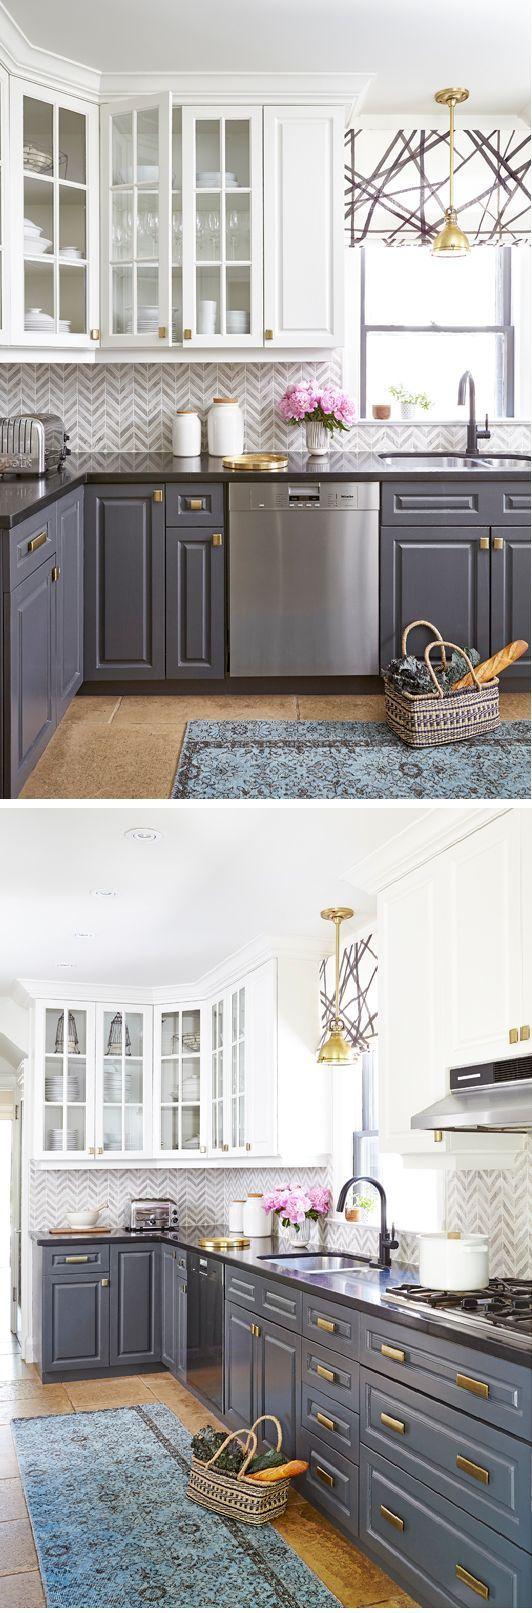 20 Das Beste aus minimalistischem Hausdesign [Simple, Unique, and Modern]  Es gibt viele schöne und interessante Beispiele für kleine Hausdesigns. Aber die Designs in diesem Inhalt werden Sie wirklich in Erstaunen versetzen. #die Architektur #homes #homedesign